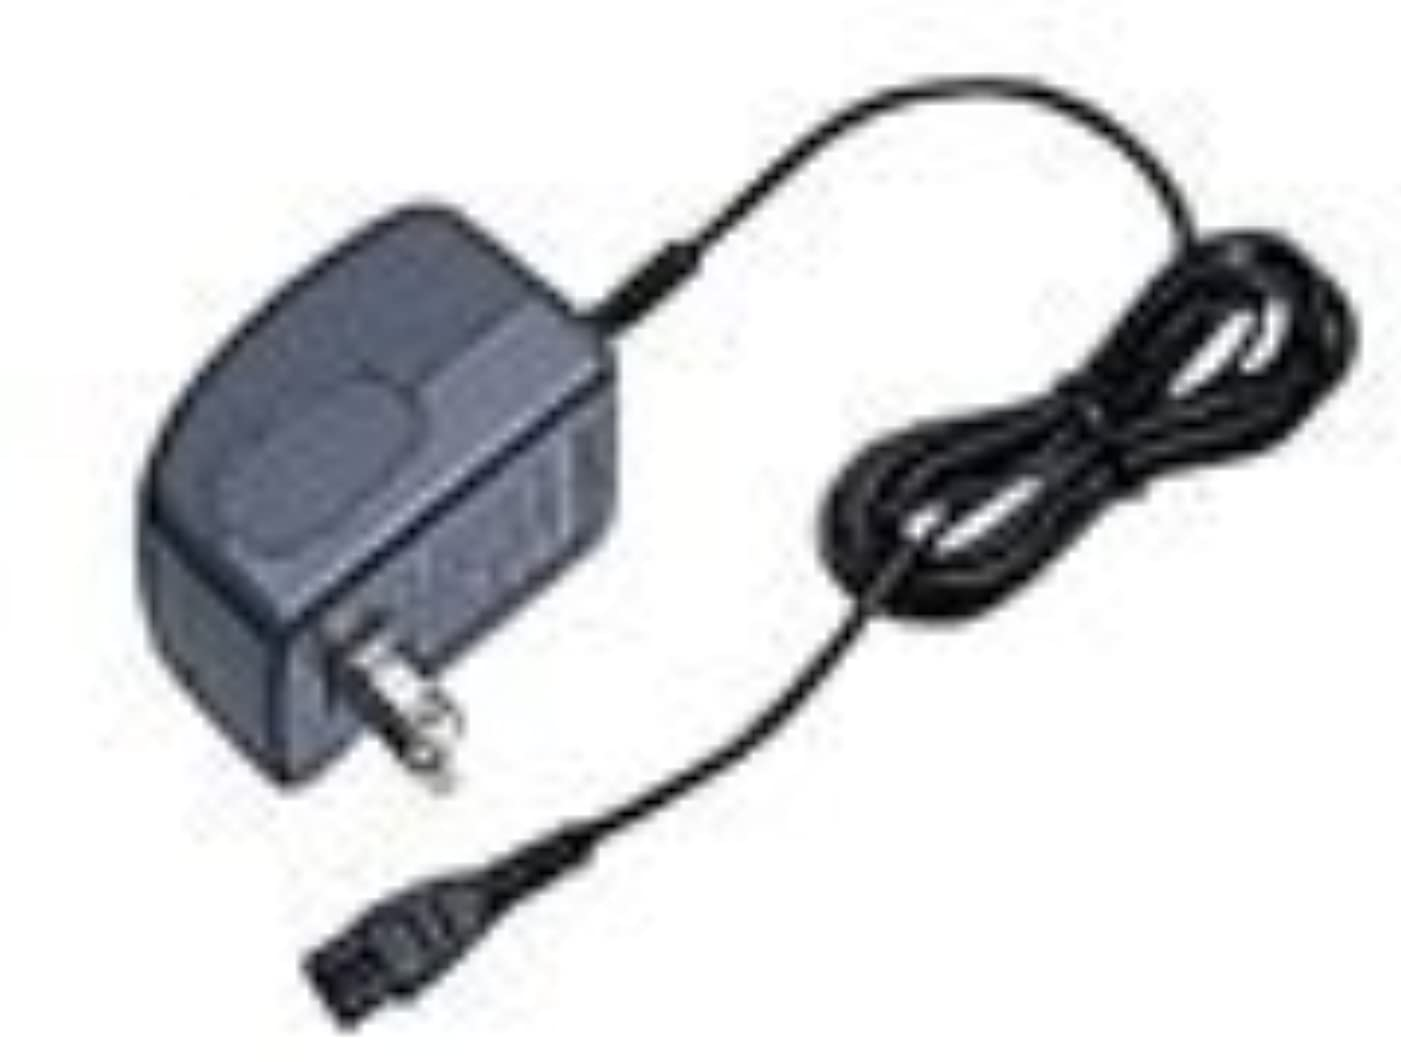 でカテナランドリー日立 シェーバー用電源アダプター KH-40 (RM-S100 012)